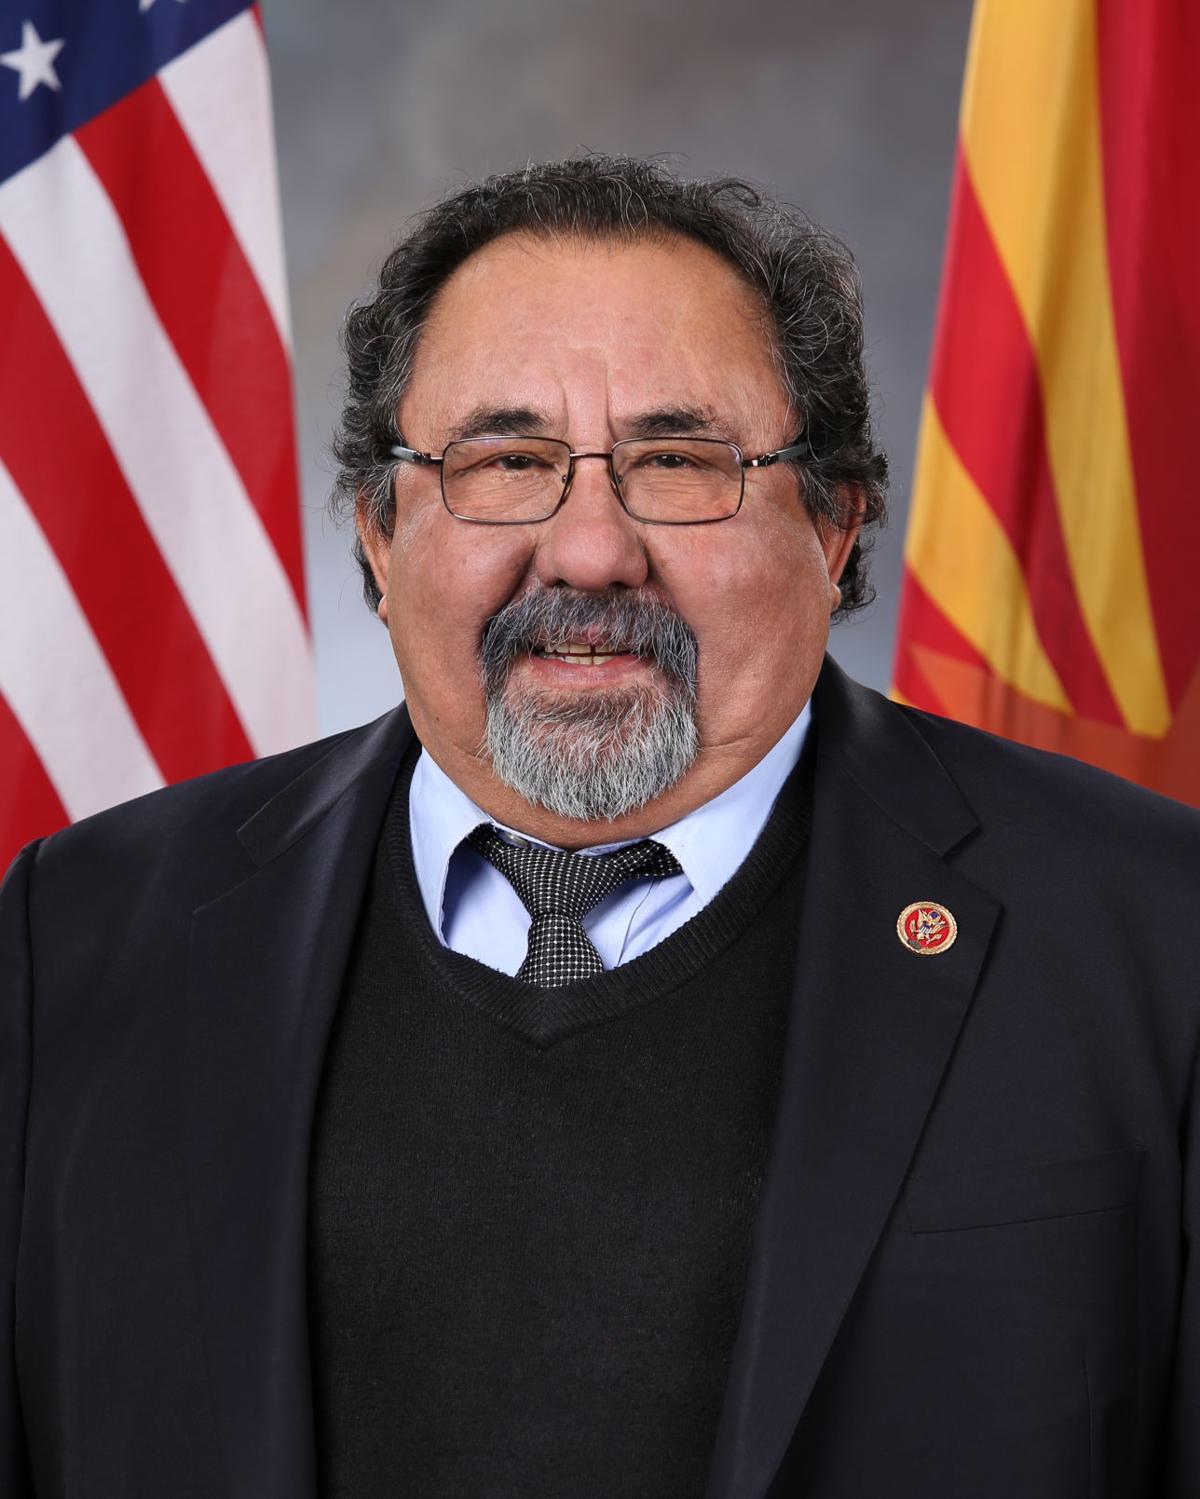 Raul M. Grijalva